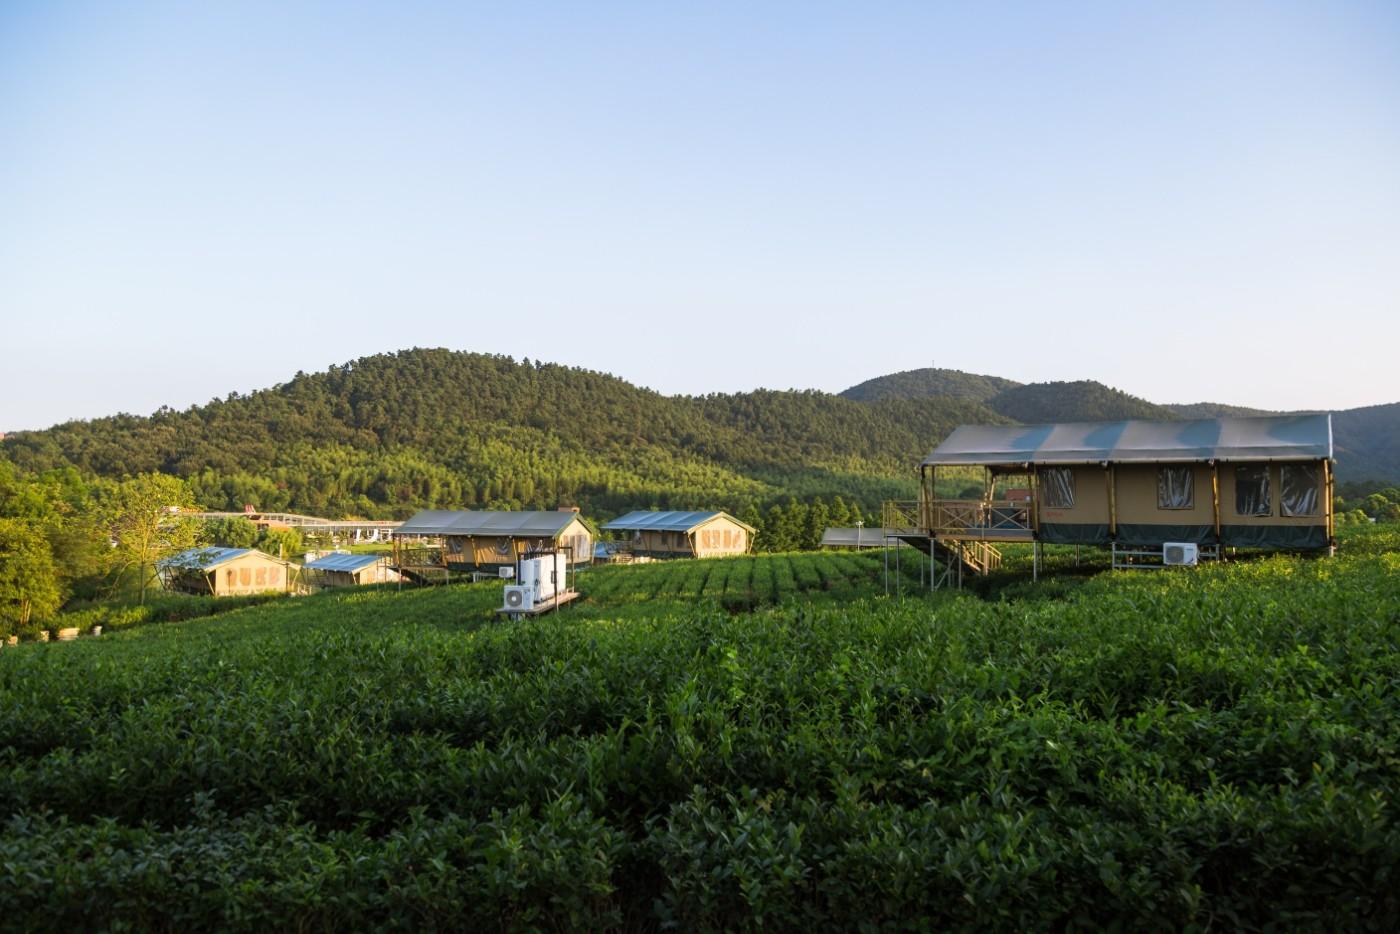 喜马拉雅野奢帐篷酒店—江苏常州茅山宝盛园茶园帐篷酒店10